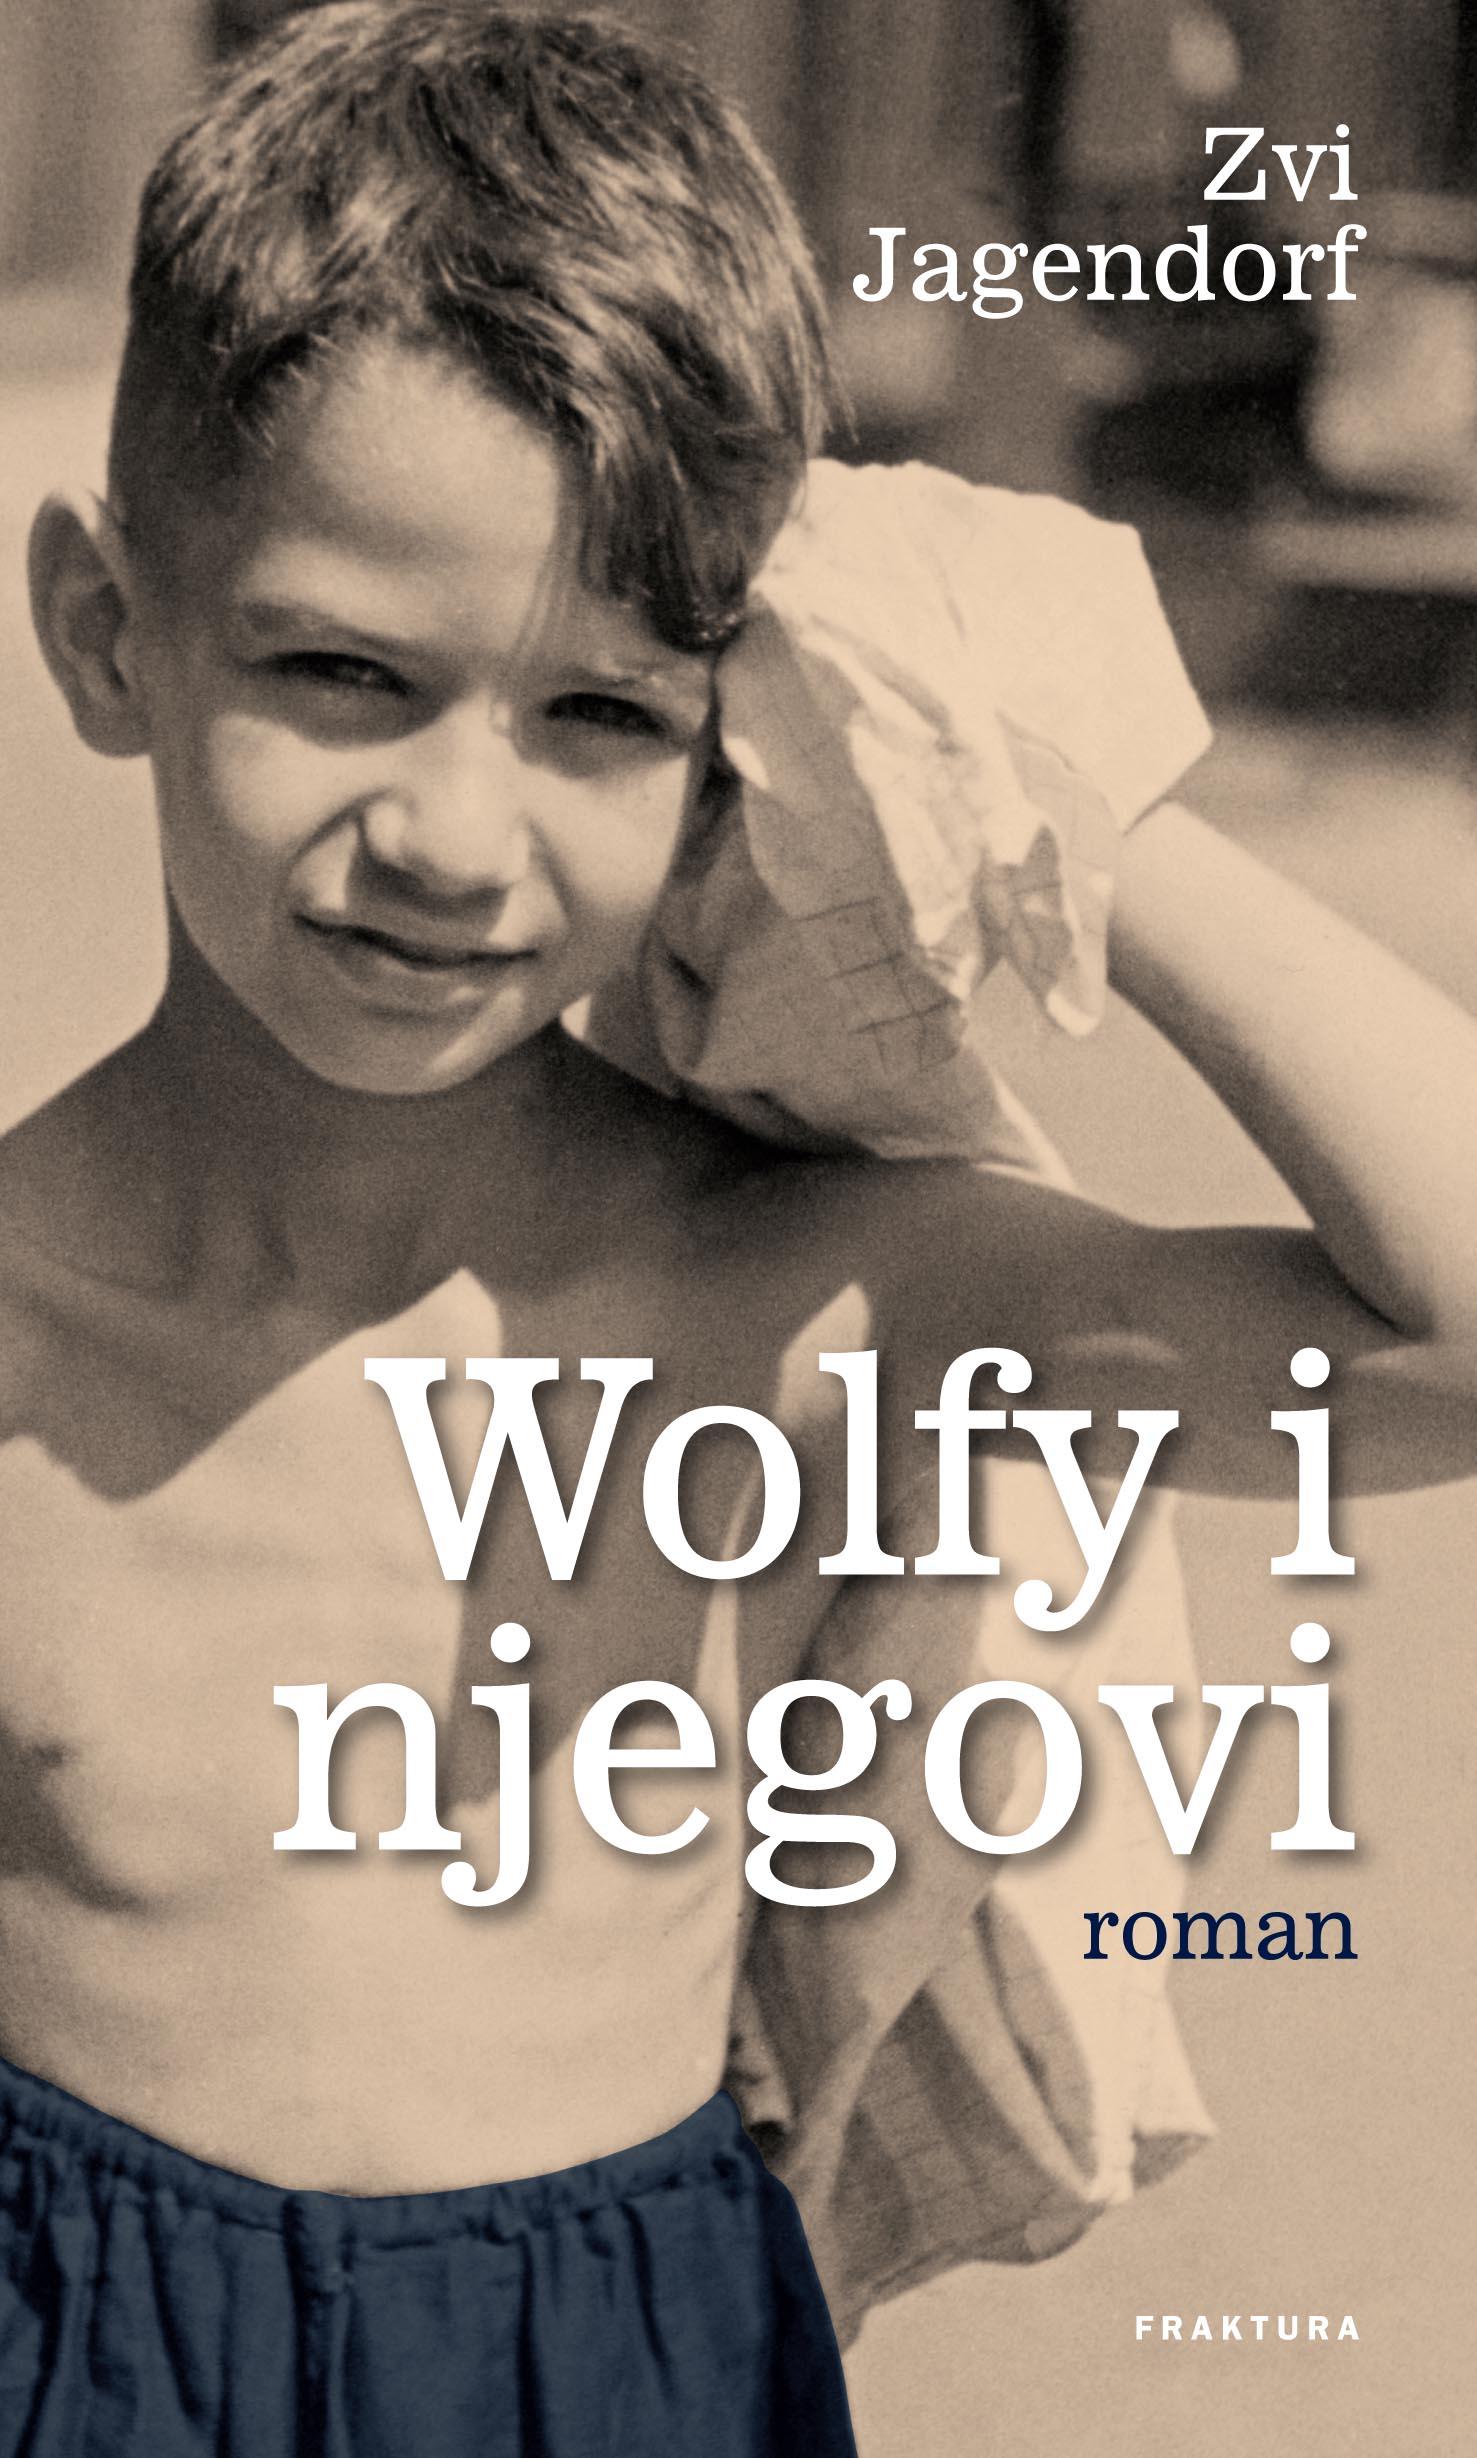 Wolfy i njegovi